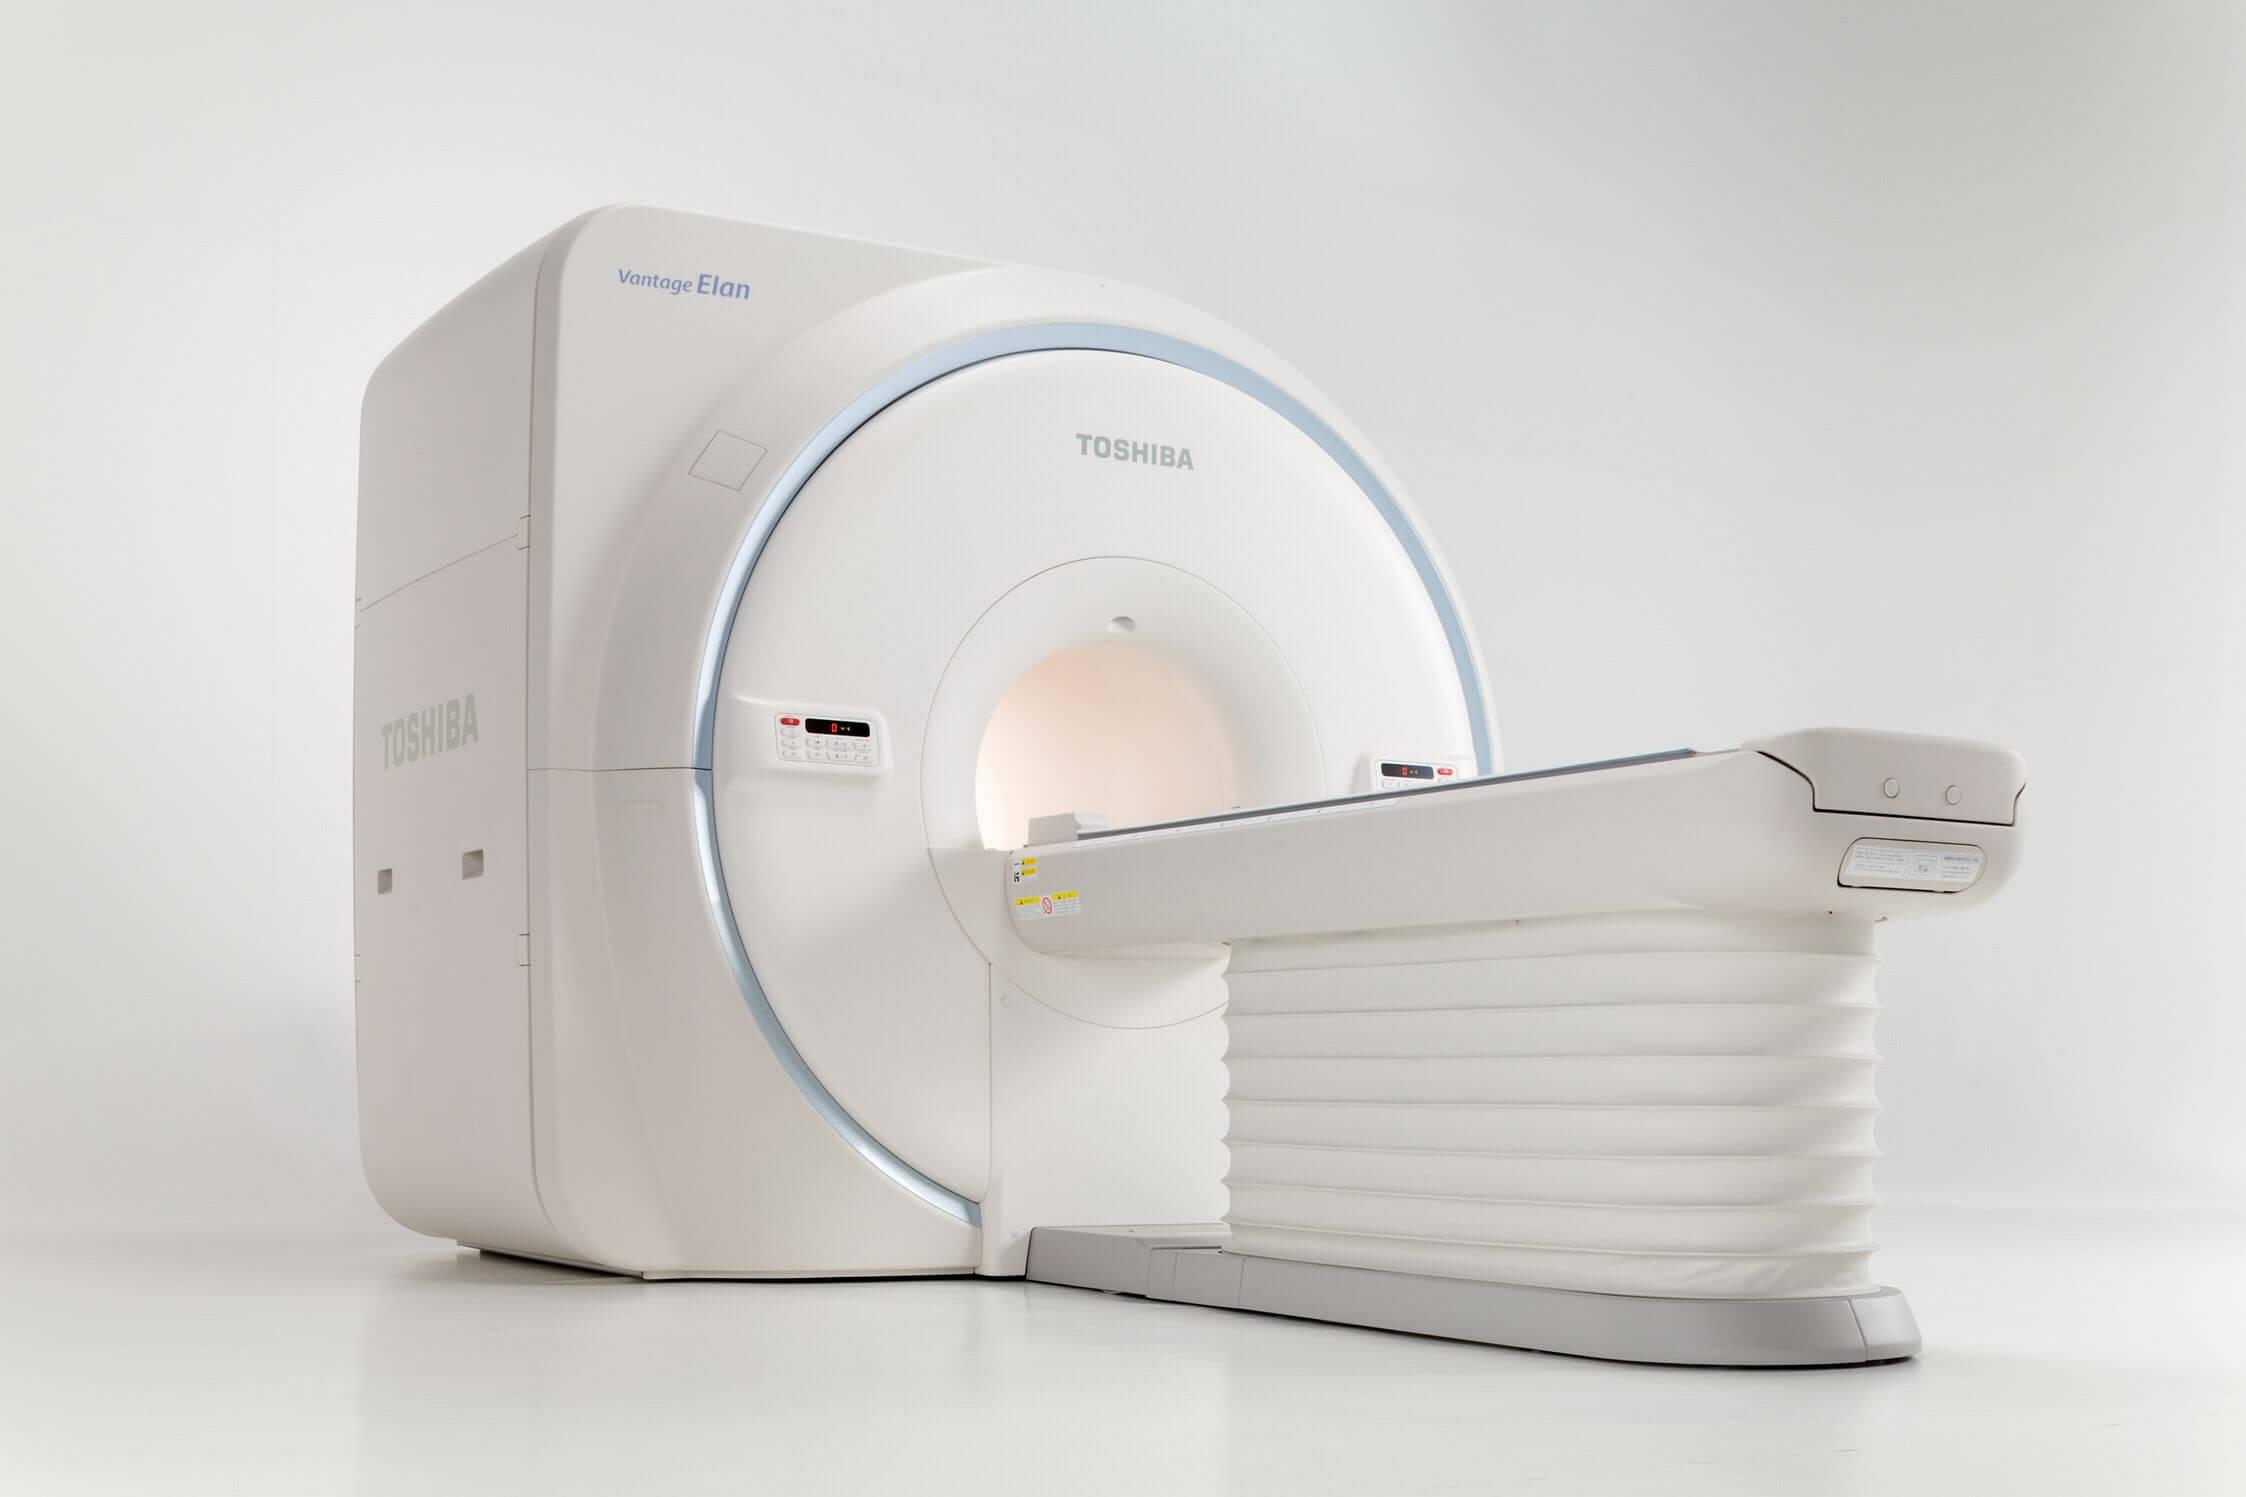 東芝製MRI「elan」